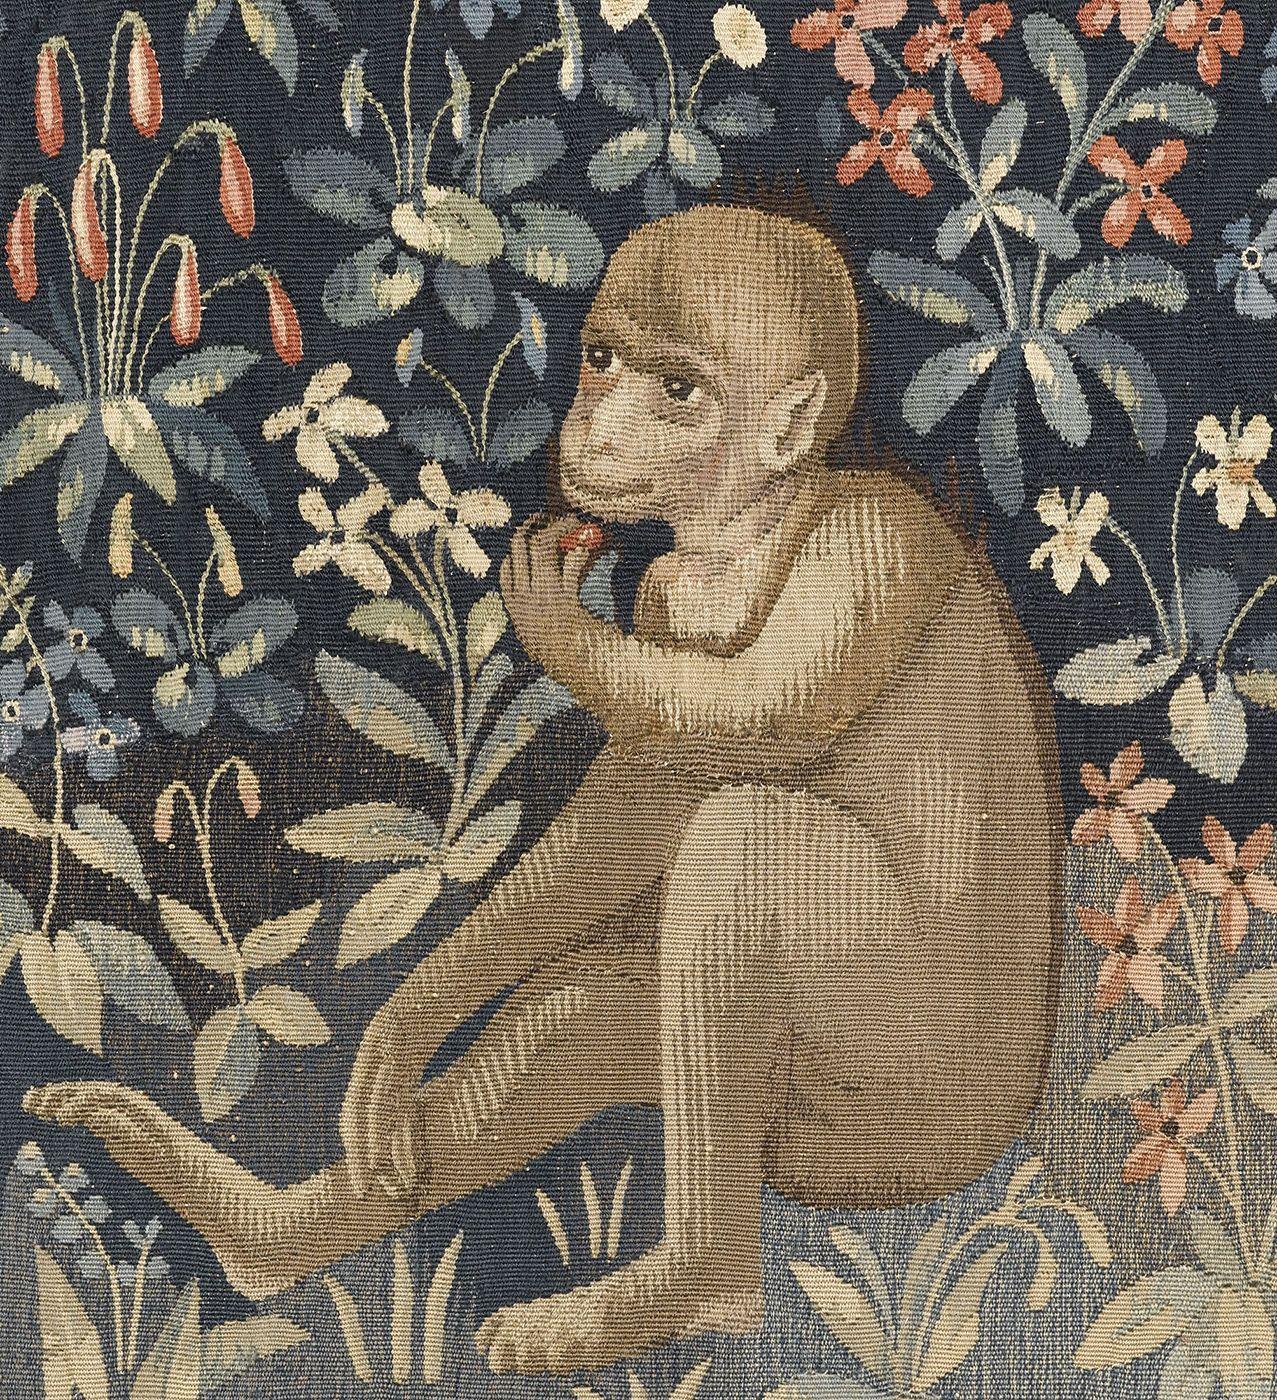 Histoire des arts la dame la licorne la vue tapisserie laine et soie de 3 12 m x 3 30 m - Tapisserie dame a la licorne ...